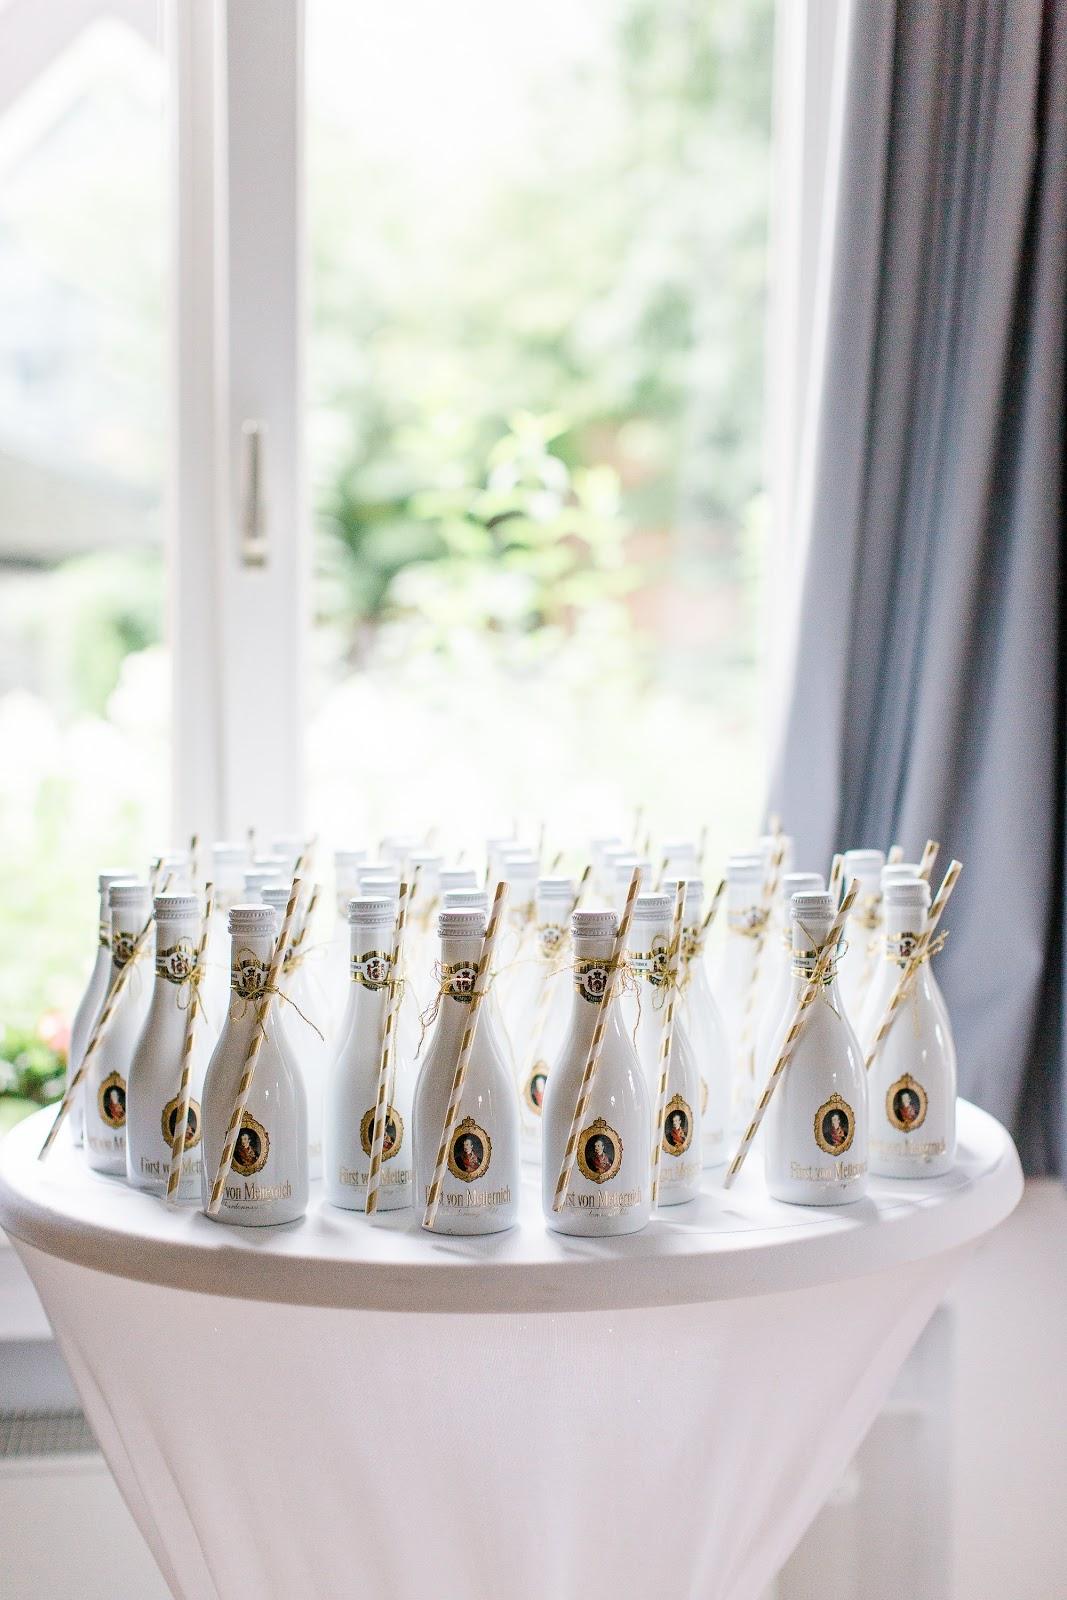 Festempfang Sektempfang Hochzeit